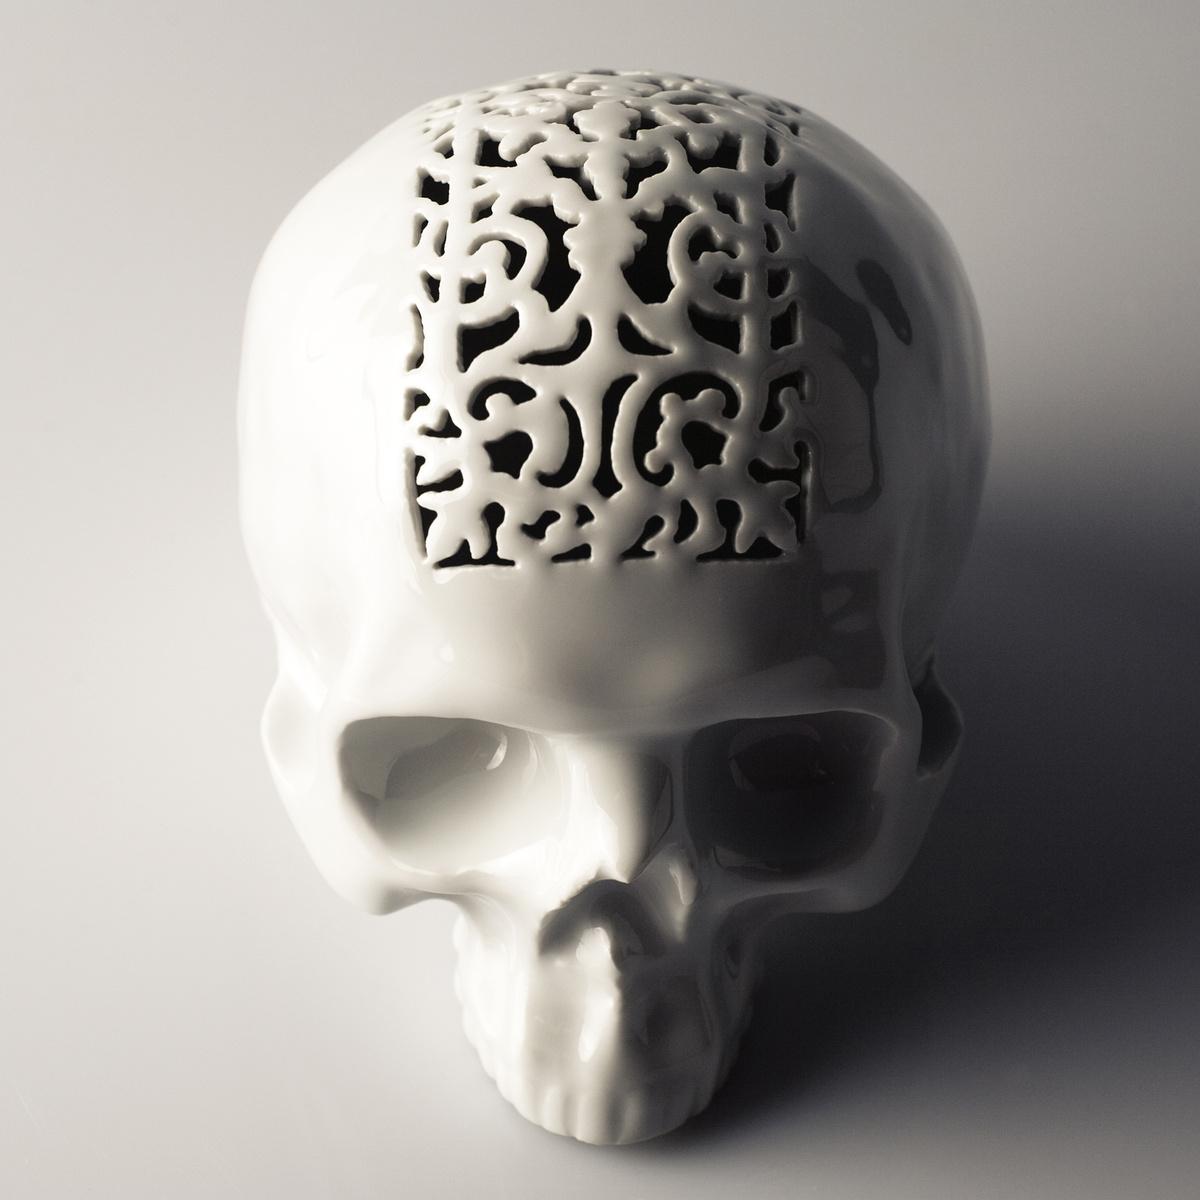 Studio Pirsc Porcelain Pokladnička Skull # 2, 15 cm, biela